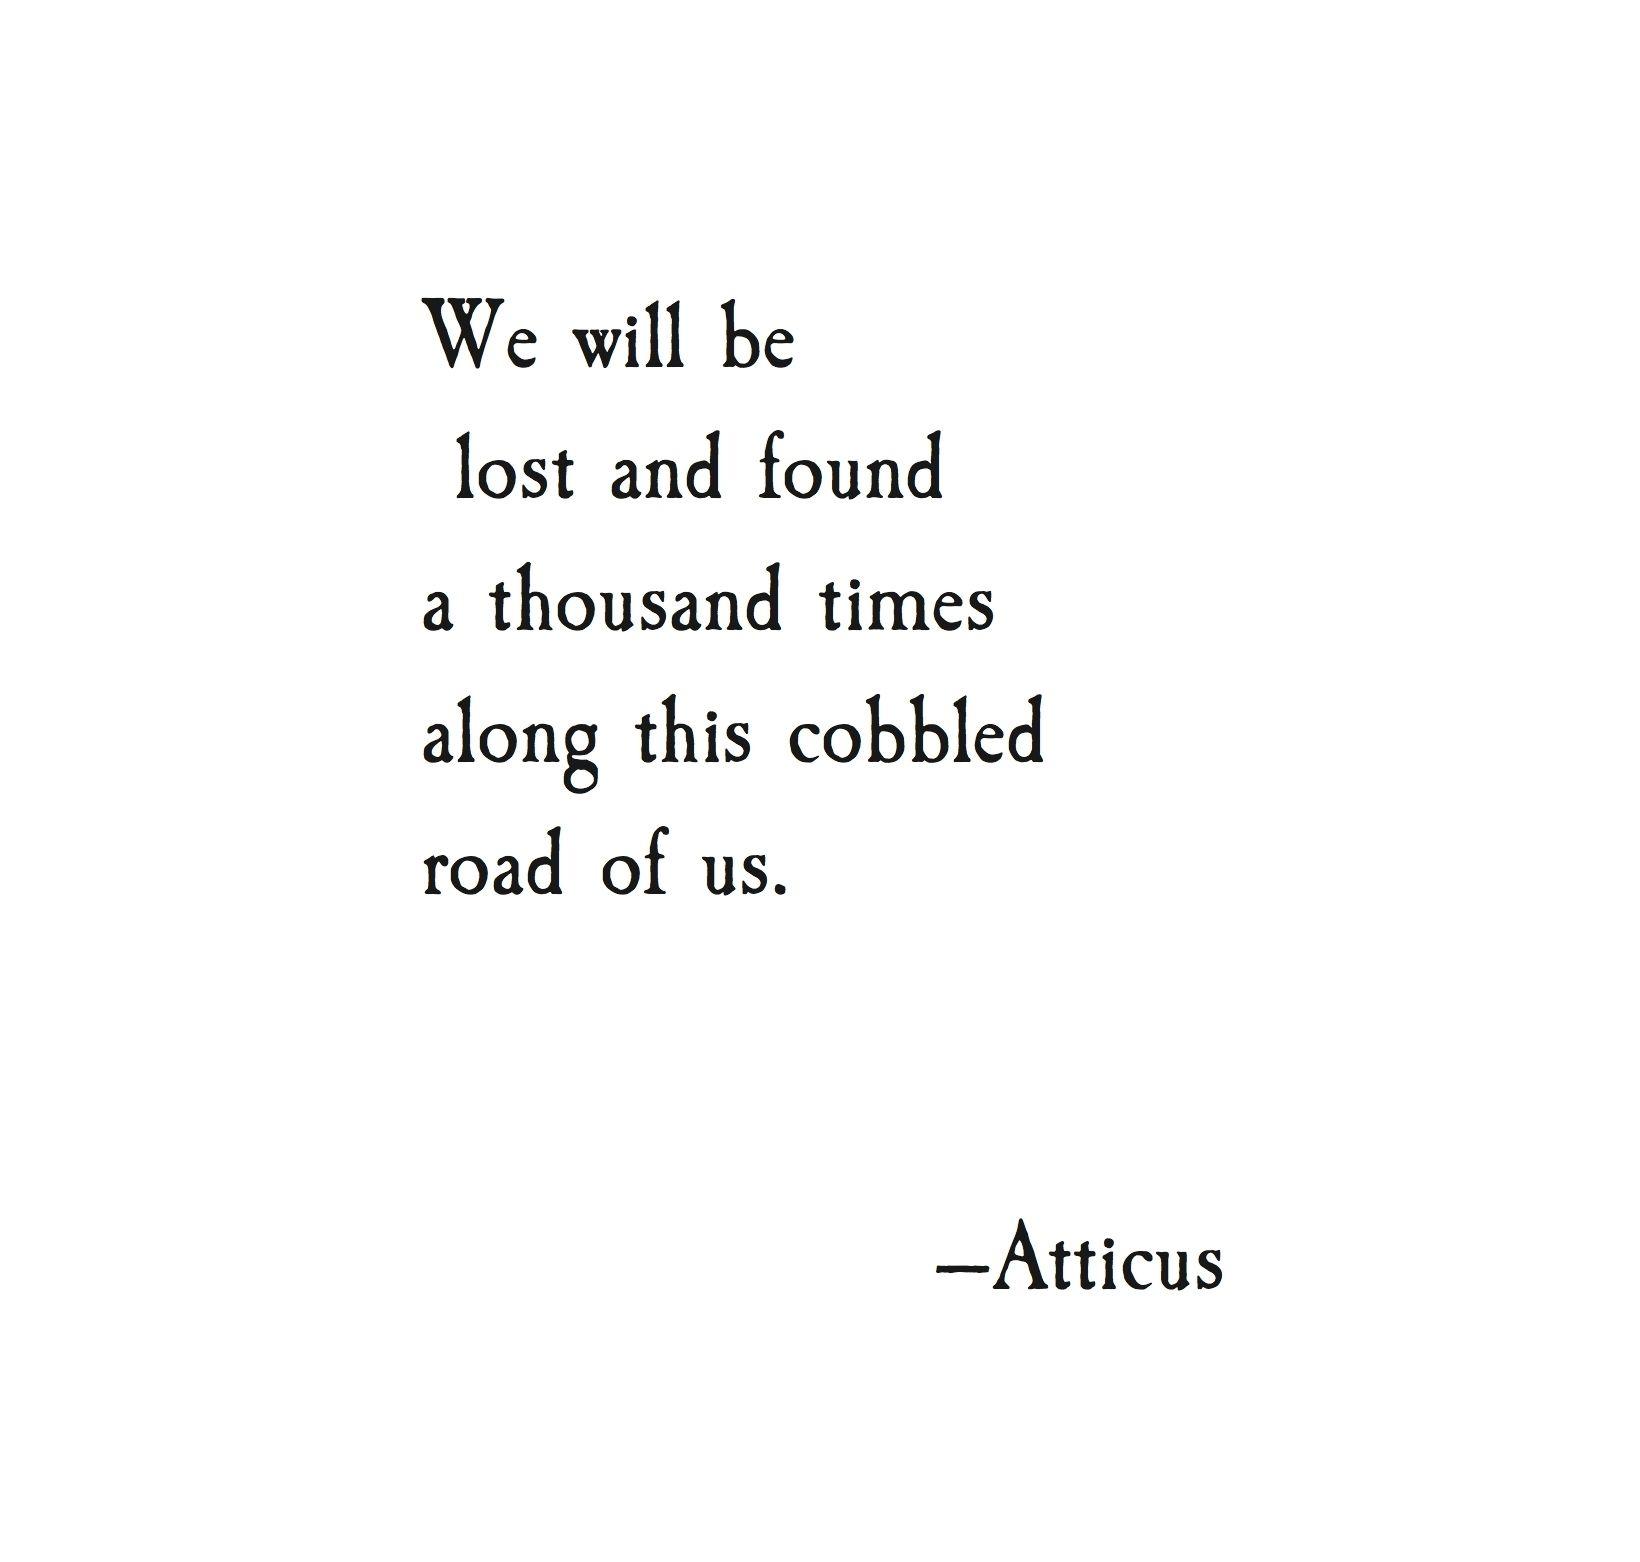 Lost Found At Atticuspoetry Atticuspoetry Atticus Poetry Poem